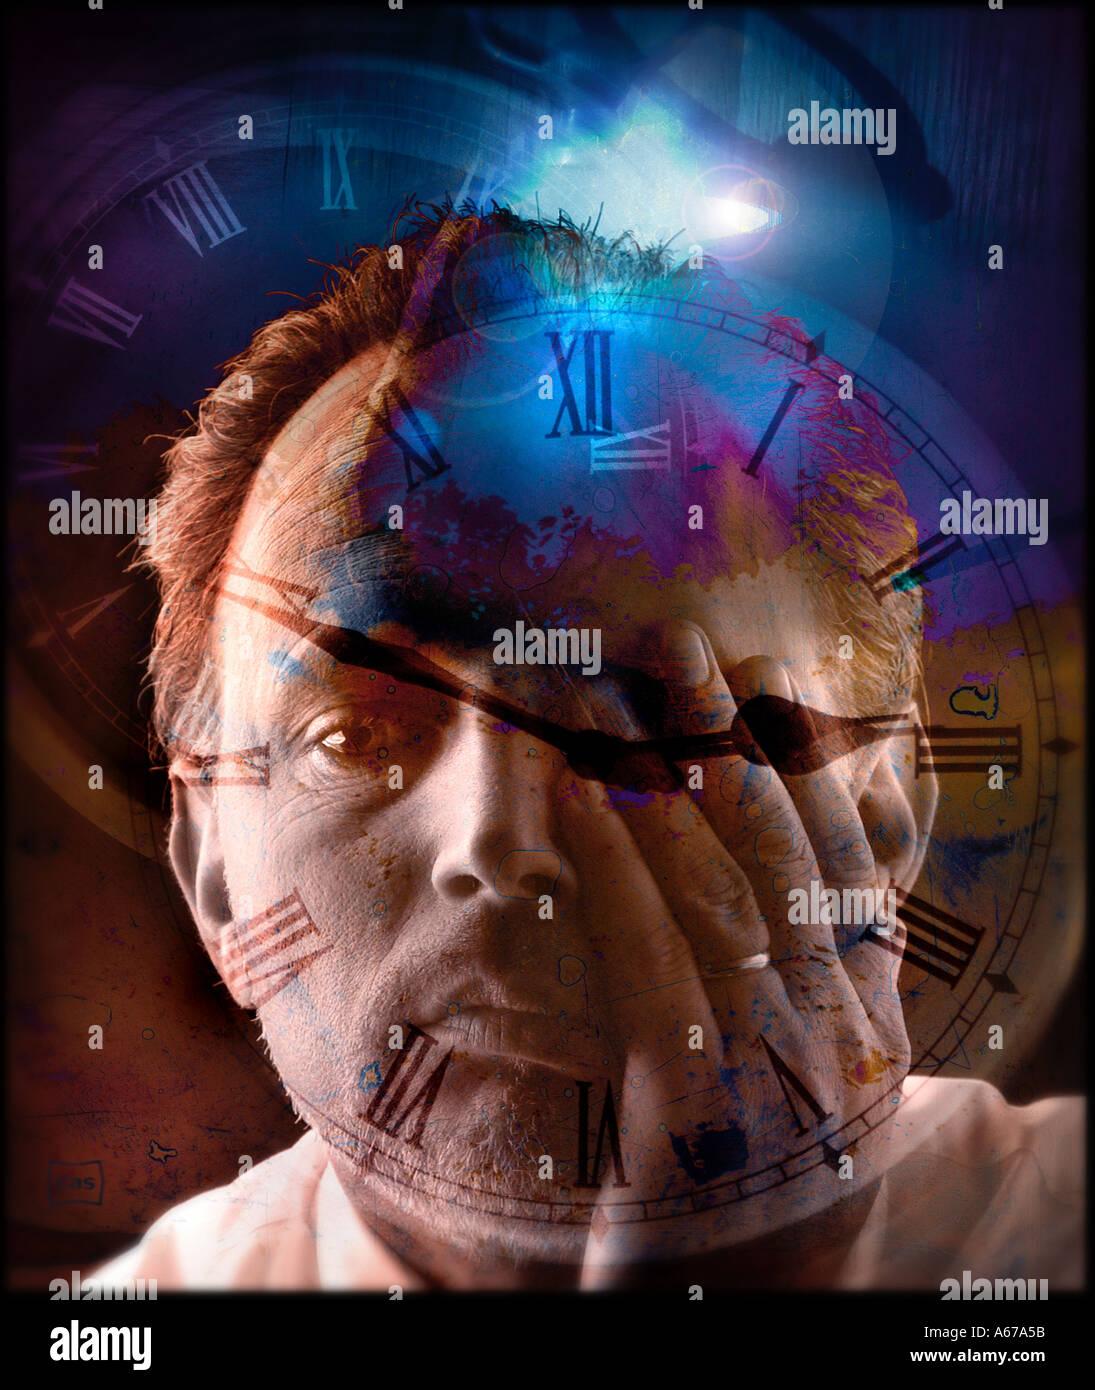 Zeit ändern Mann reiben Auge mit Ziffernblatt und dunklen Himmel in Collage-Zeit-Konzept Stockbild